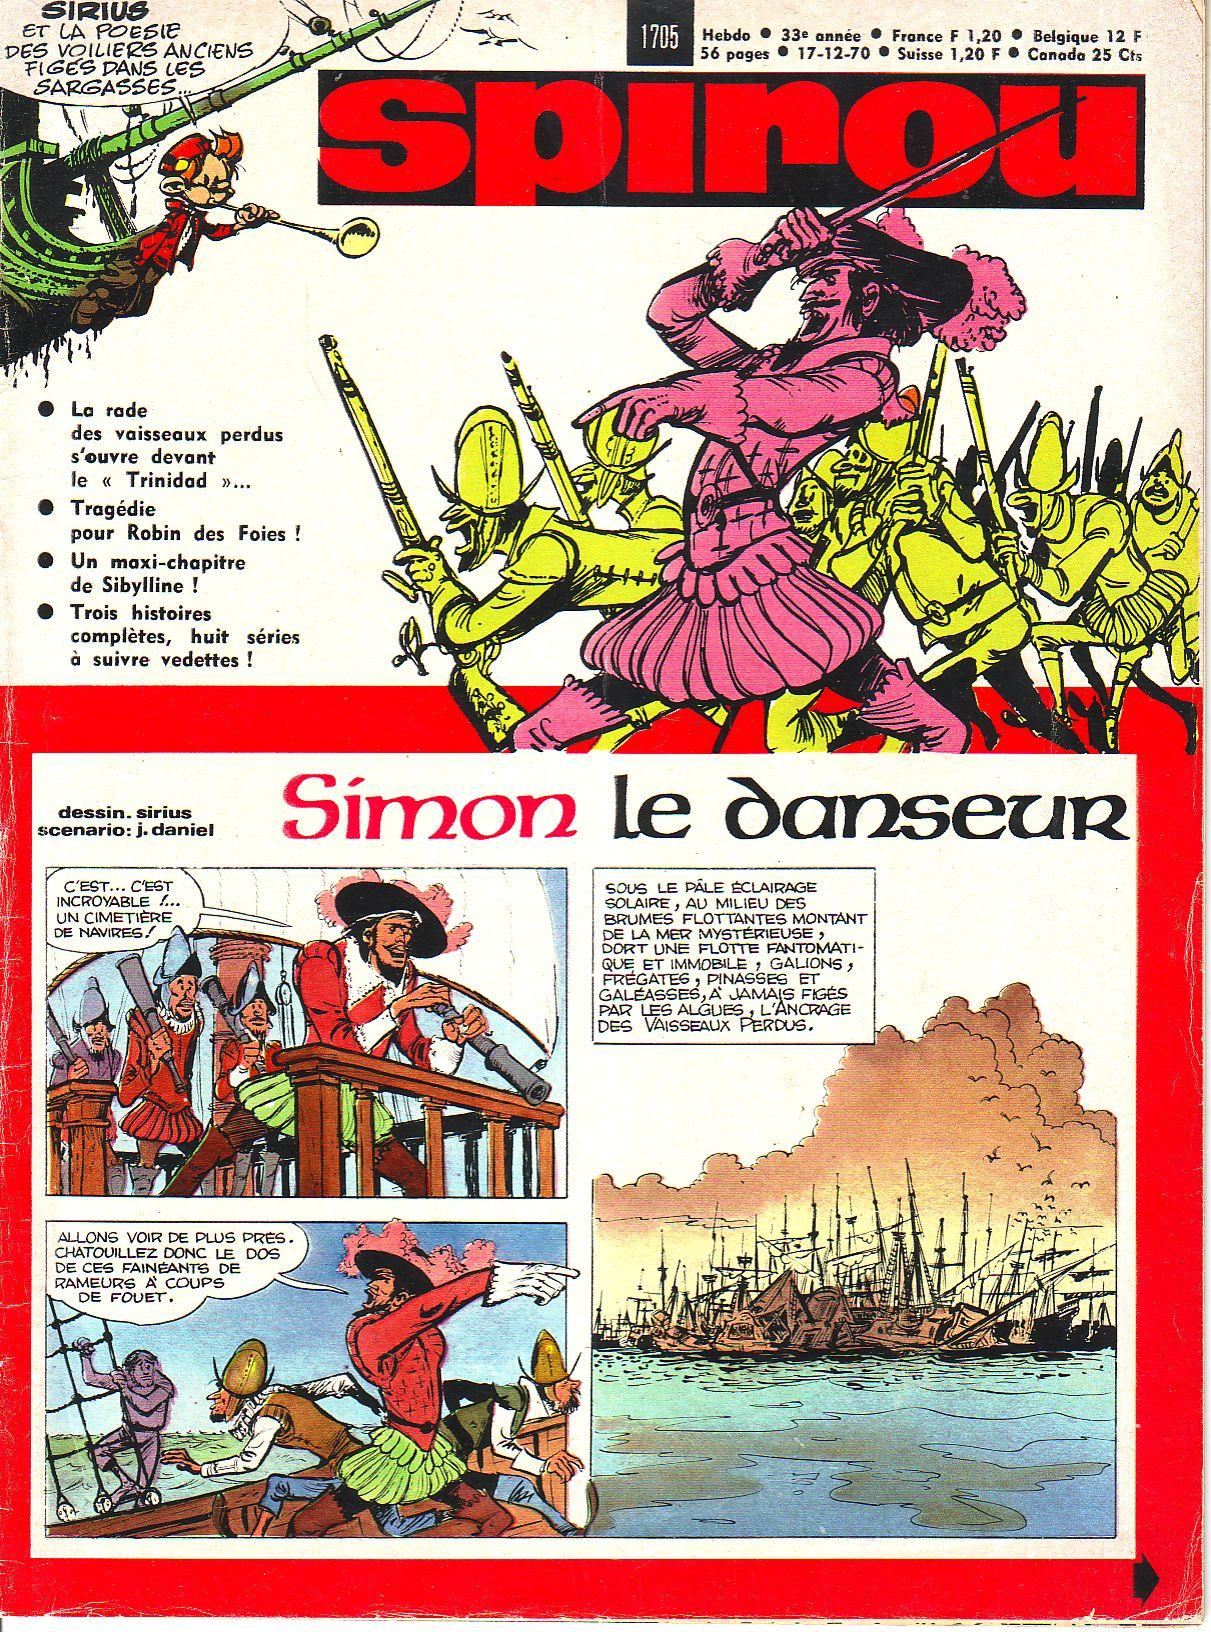 Le journal de Spirou 1705